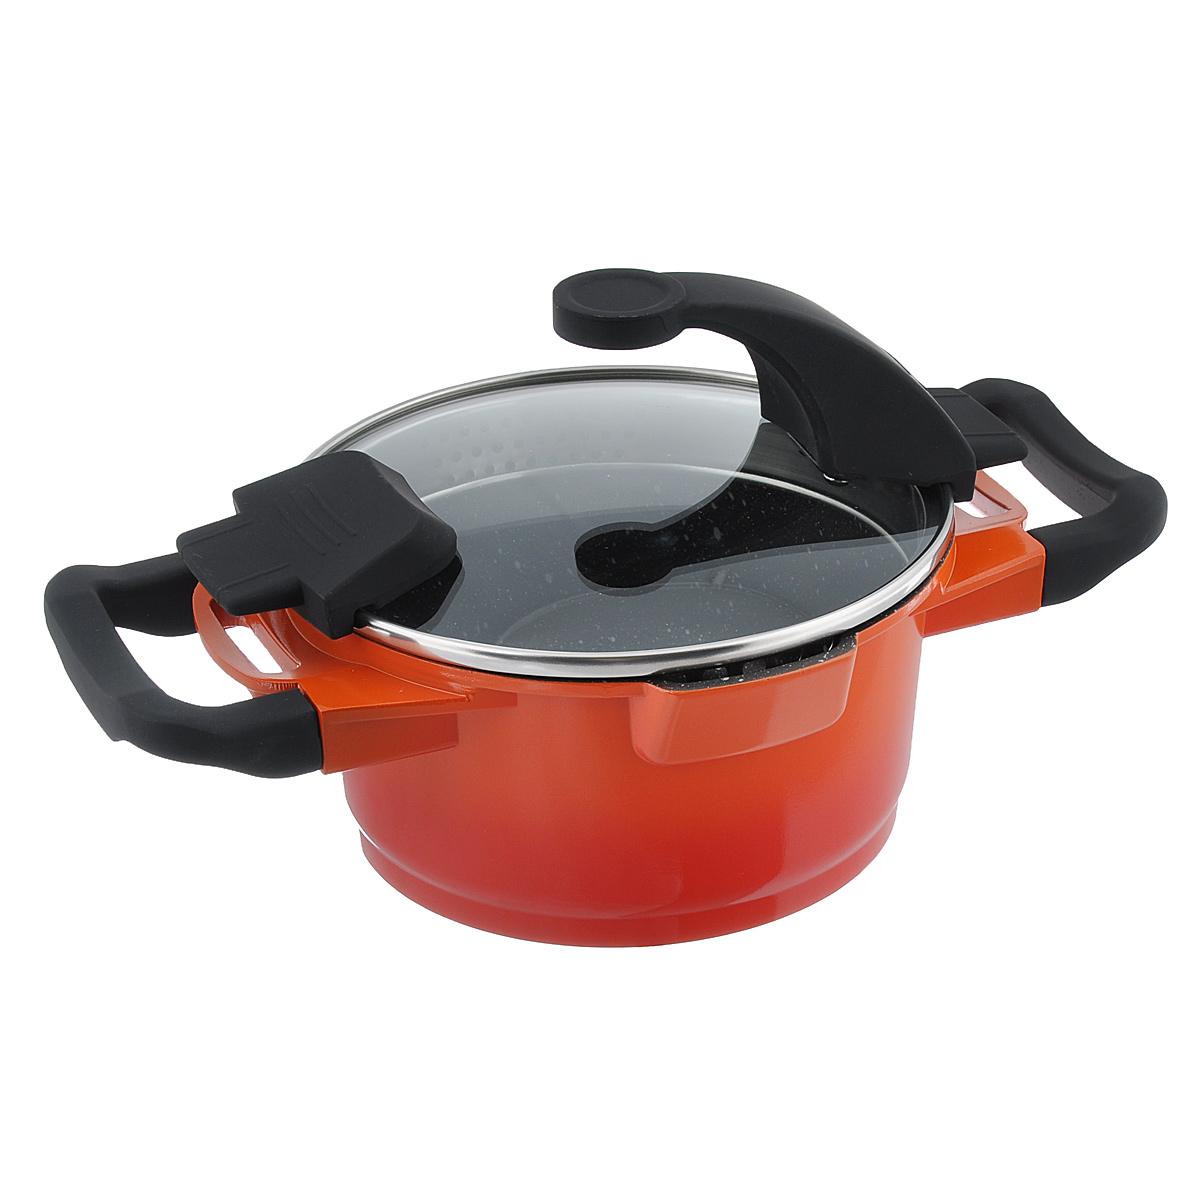 Кастрюля BergHOFF Virgo Orange с крышкой, с антипригарным покрытием, цвет: оранжево-красный, 1,5 л54 009305Кастрюля BergHOFF Virgo Orange изготовлена из литого алюминия, который имеет эффект чугунной посуды. В отличие от чугуна, посуда из алюминия легче по весу и быстро нагревается, что гарантирует сбережение энергии. Внутреннее покрытие - экологически безопасное антипригарное покрытие Ferno Green, которое не содержит ни свинца, ни кадмия. Антипригарные свойства посуды позволяют готовить без жира и подсолнечного масла или с его малым количеством. Ручки выполнены из бакелита с покрытием Soft-touch, они имеют комфортную эргономичную форму и не нагреваются в процессе эксплуатации. Крышка изготовлена из термостойкого стекла, благодаря чему можно наблюдать за ингредиентами в процессе приготовления. Широкий металлический обод со специальными отверстиями разного диаметра позволяет выливать жидкость, не снимая крышку. Подходит для всех типов плит, включая индукционные. Рекомендуется мыть вручную. Диаметр кастрюли (по верхнему краю): 16 см. Ширина кастрюли (с учетом ручек): 28,5 см.Высота стенки: 8,5 см. Толщина стенки: 3 мм. Толщина дна: 5 мм.